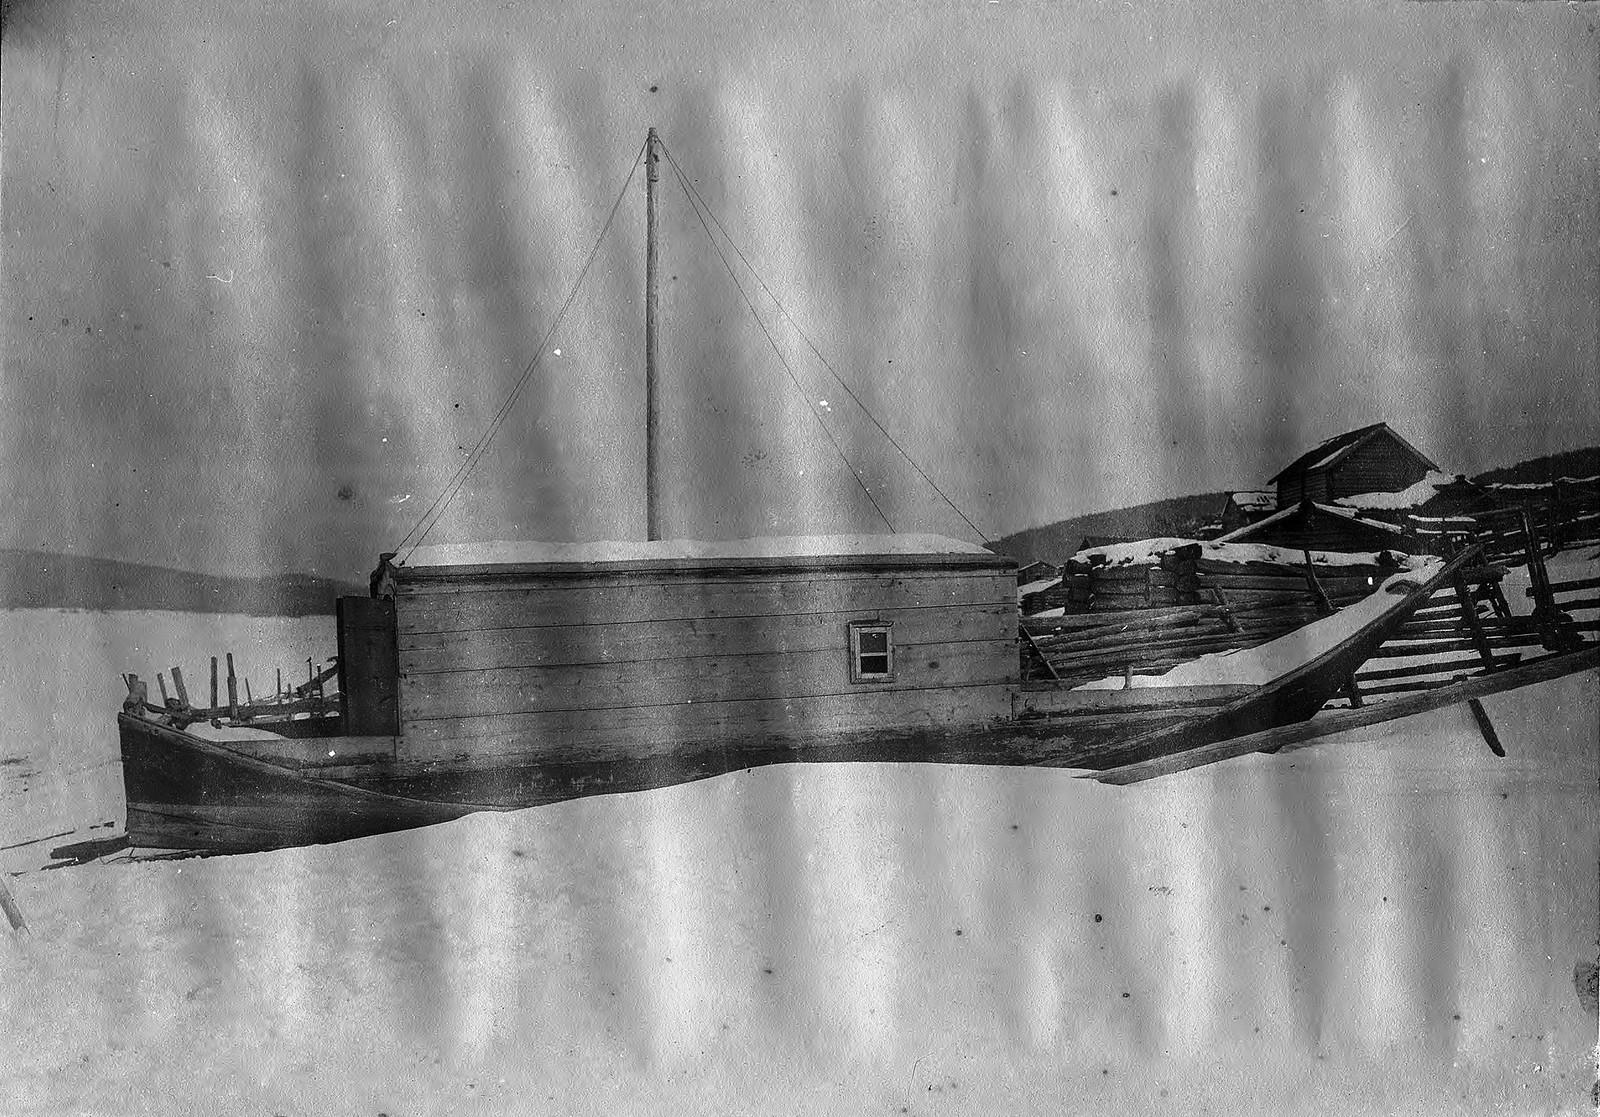 Крытая торговая лодка - илимка